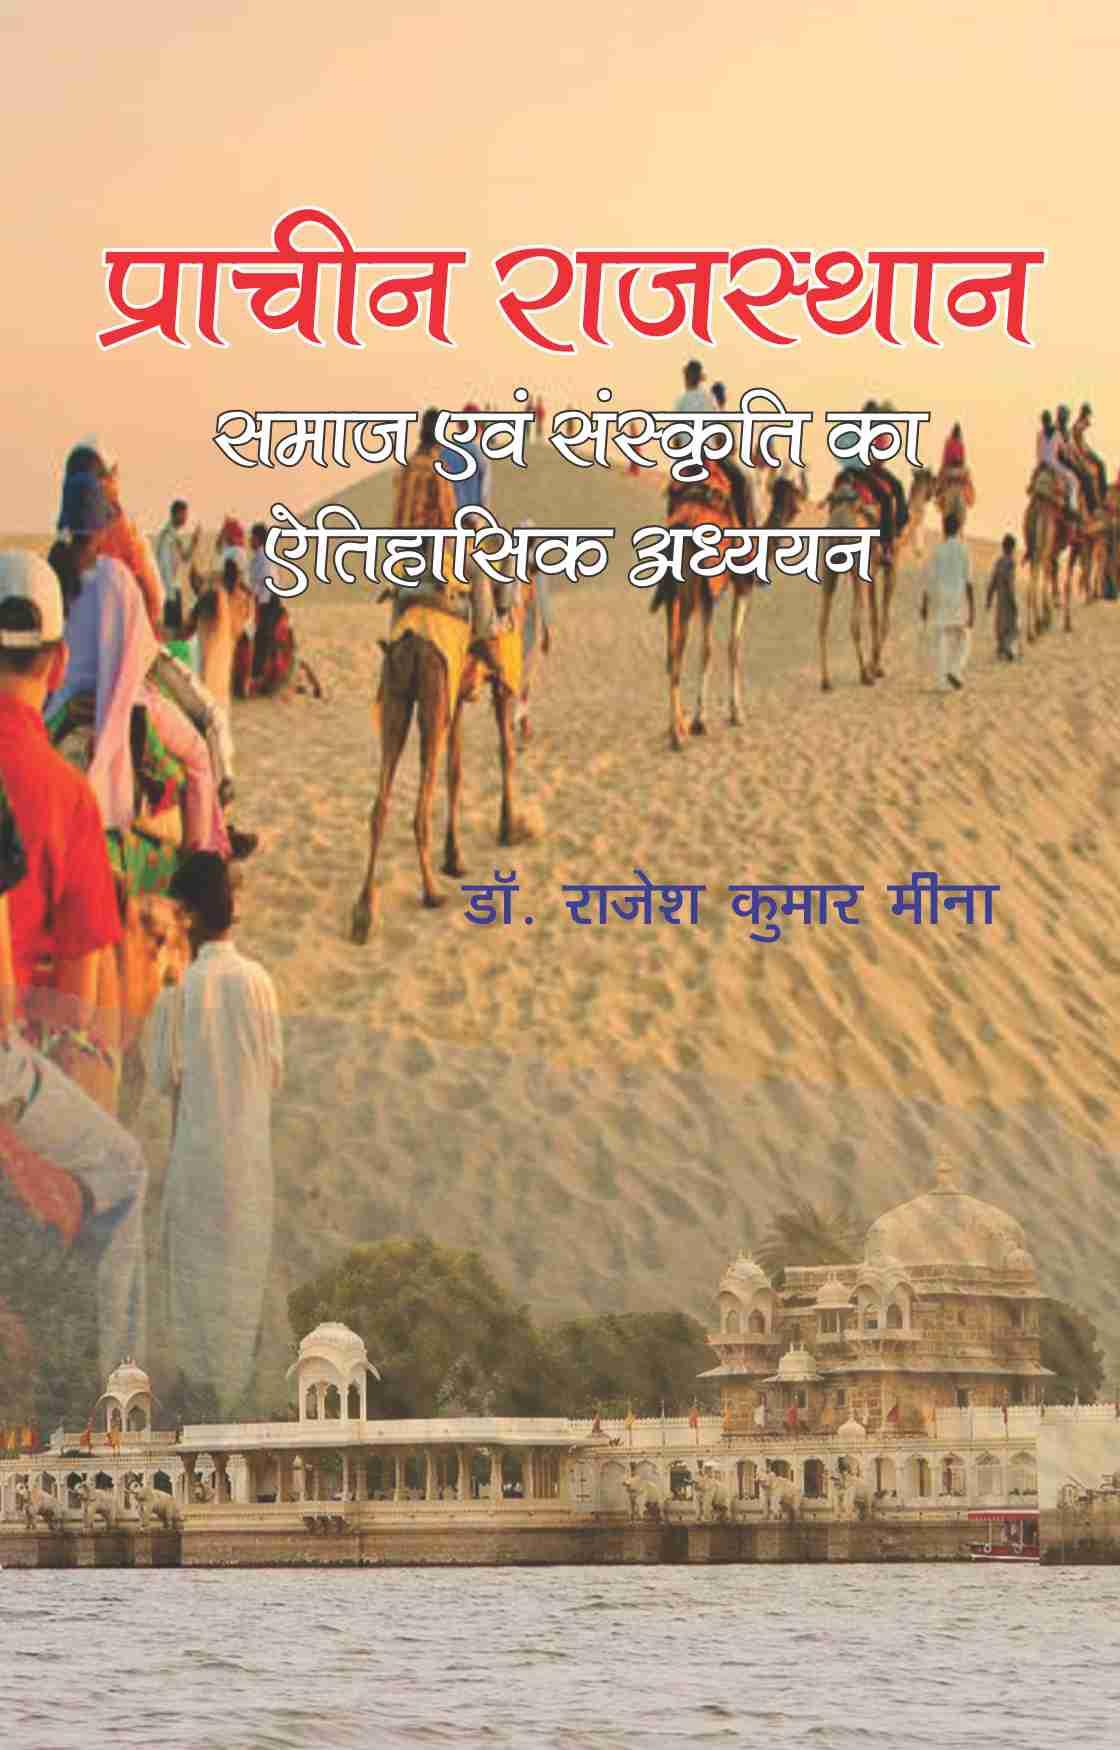 Prachin Rajasthan: Samaj evam Sanskriti ka Itihasi…